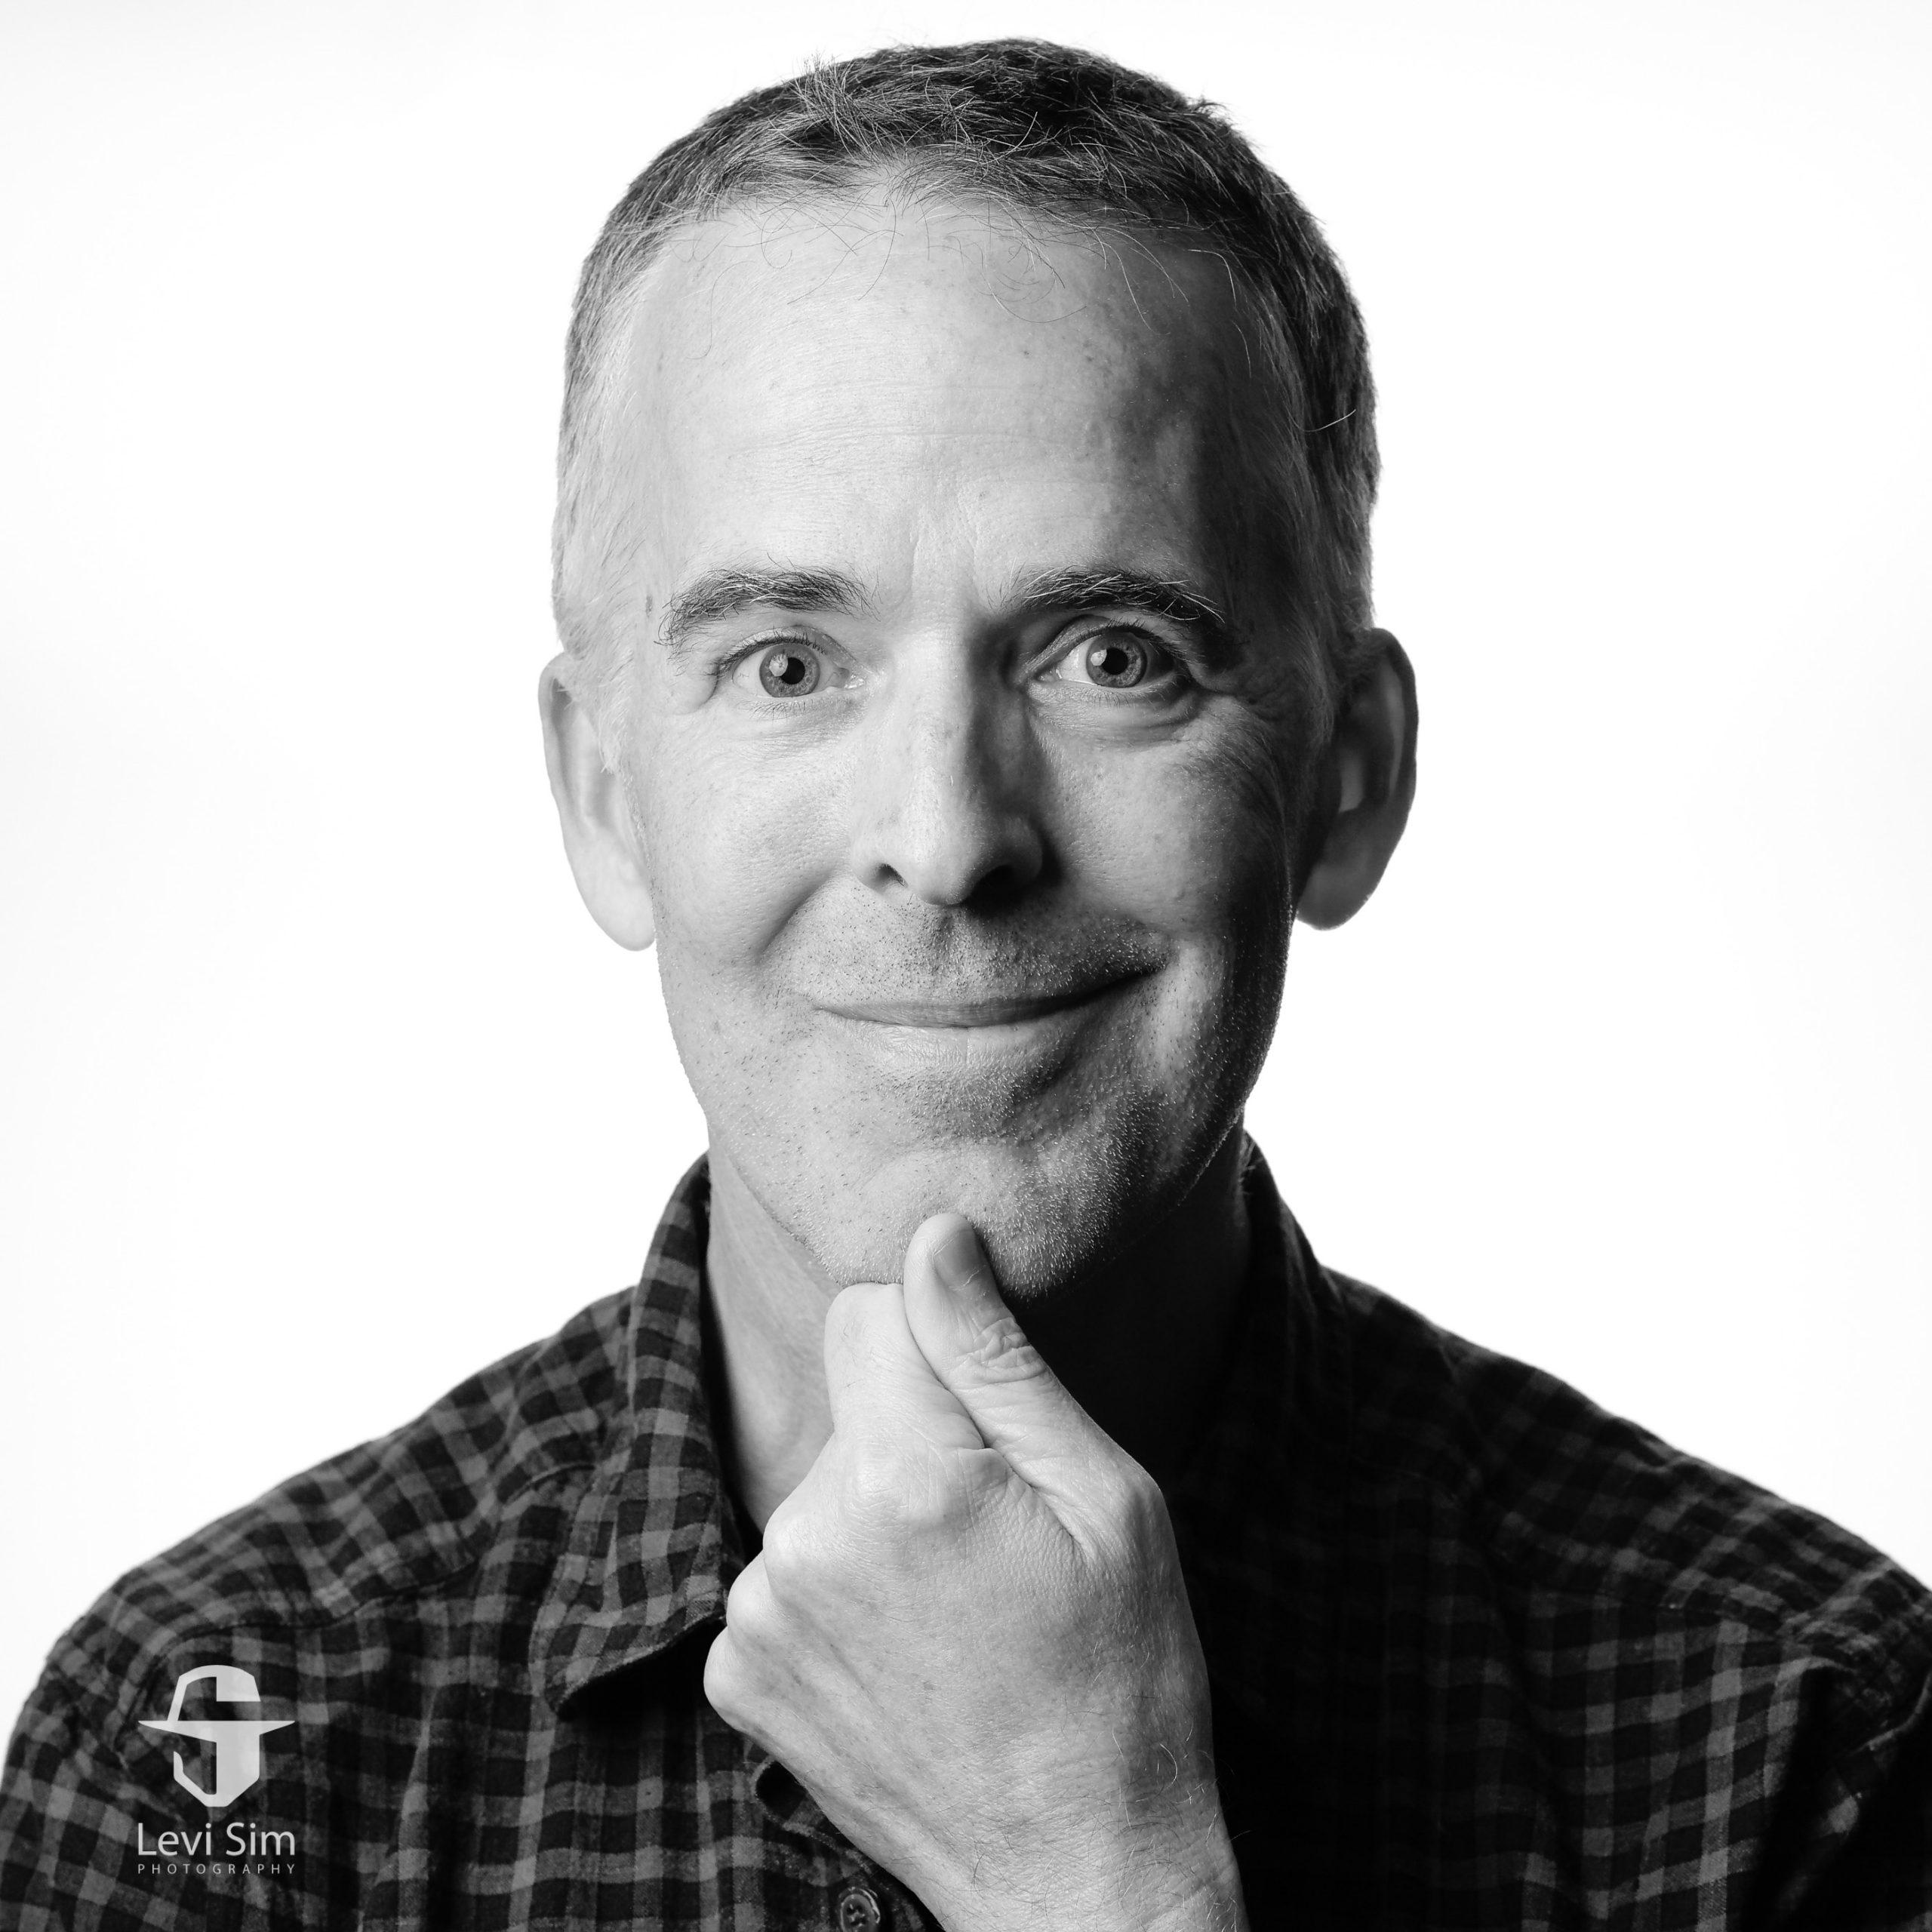 Levi Sim Steve Jobs Portrait Project Out Of Chicago 2017-68